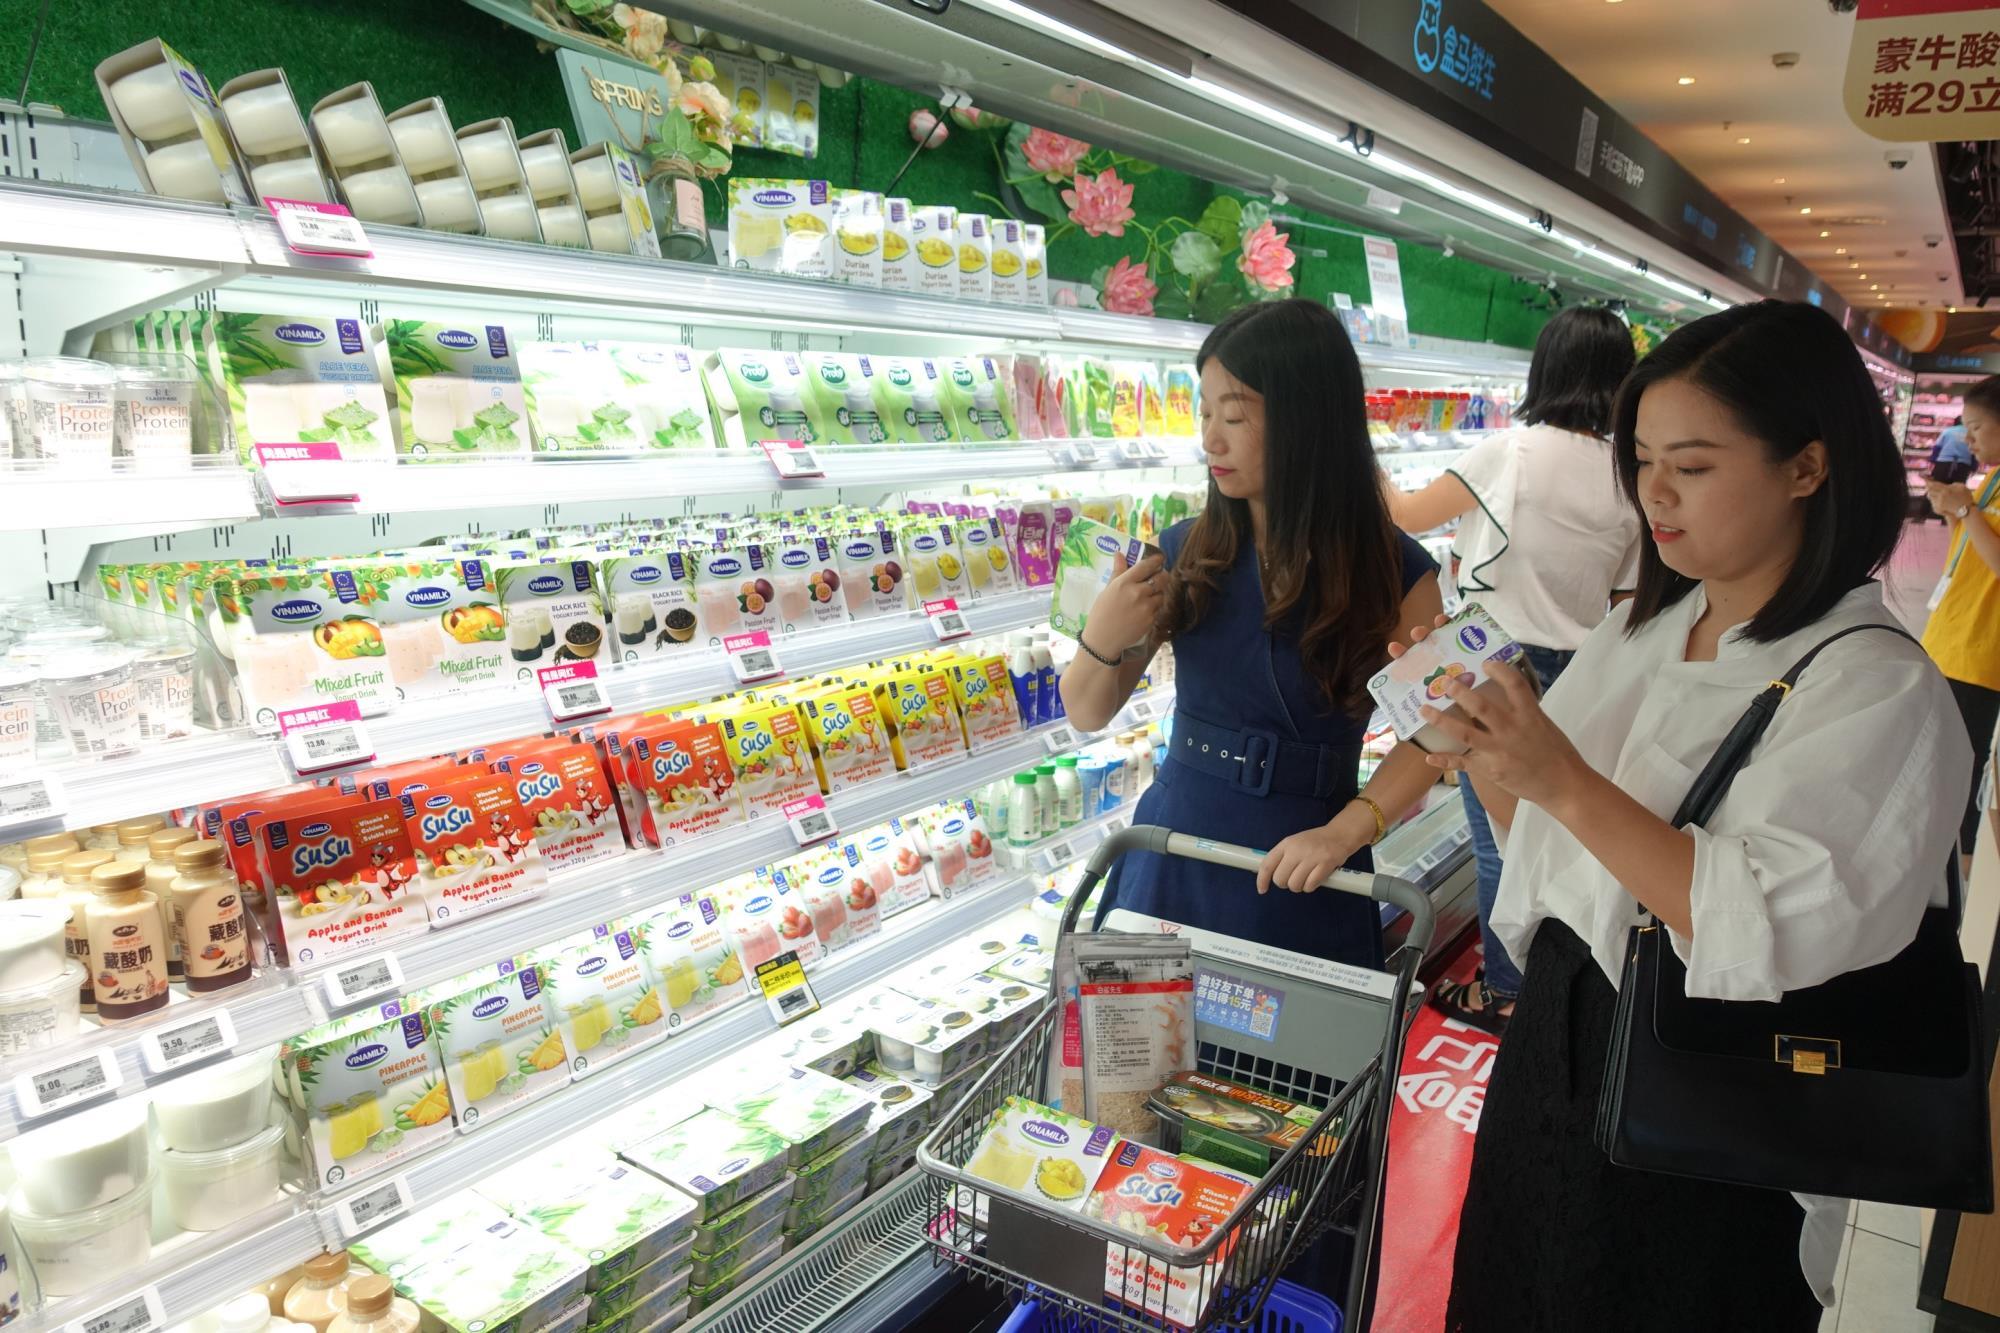 Giới thiệu sản phẩm Vinamilk tại Trung Quốc, ngành sữa Việt Nam tự tin mang chuông đi đánh xứ người - Ảnh 9